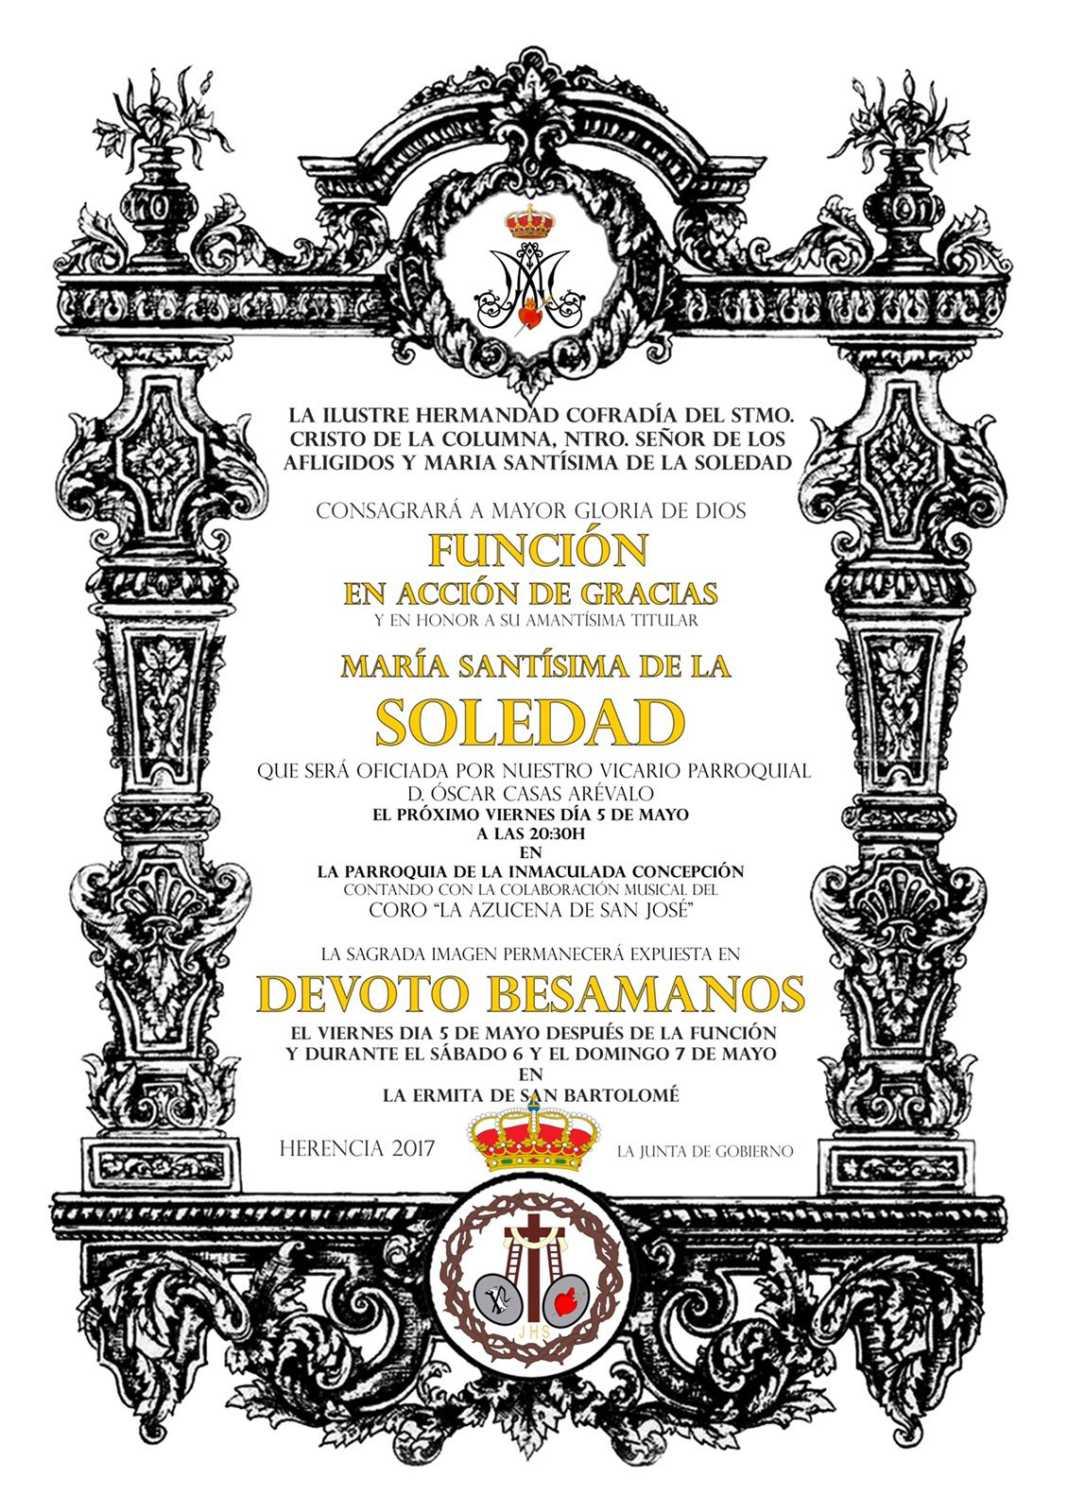 Función de Acción de Gracias y besamanos, en honor a  María Santísima de la Soledad 2